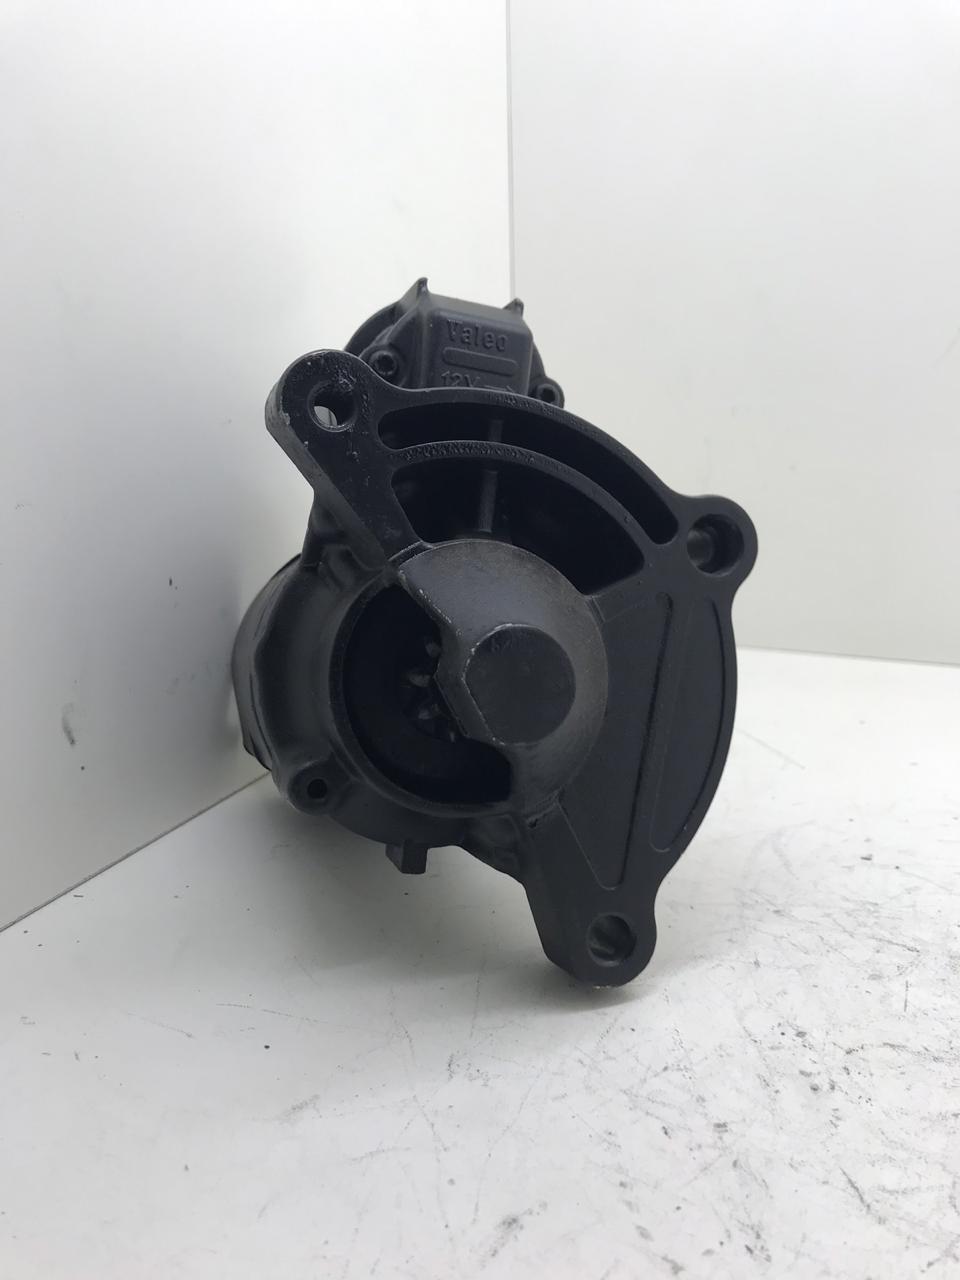 Motor De Partida Arranque Citroen Zx AIR CROSS C3 C4 BERLINGO XSARA XSARA PICASSO ZX 1.4 e 1.6 Peugeot 106 205 206 207 307 405 1.4 e 1.6 40792248 432623 D6RA572 D6G3 9648644680000